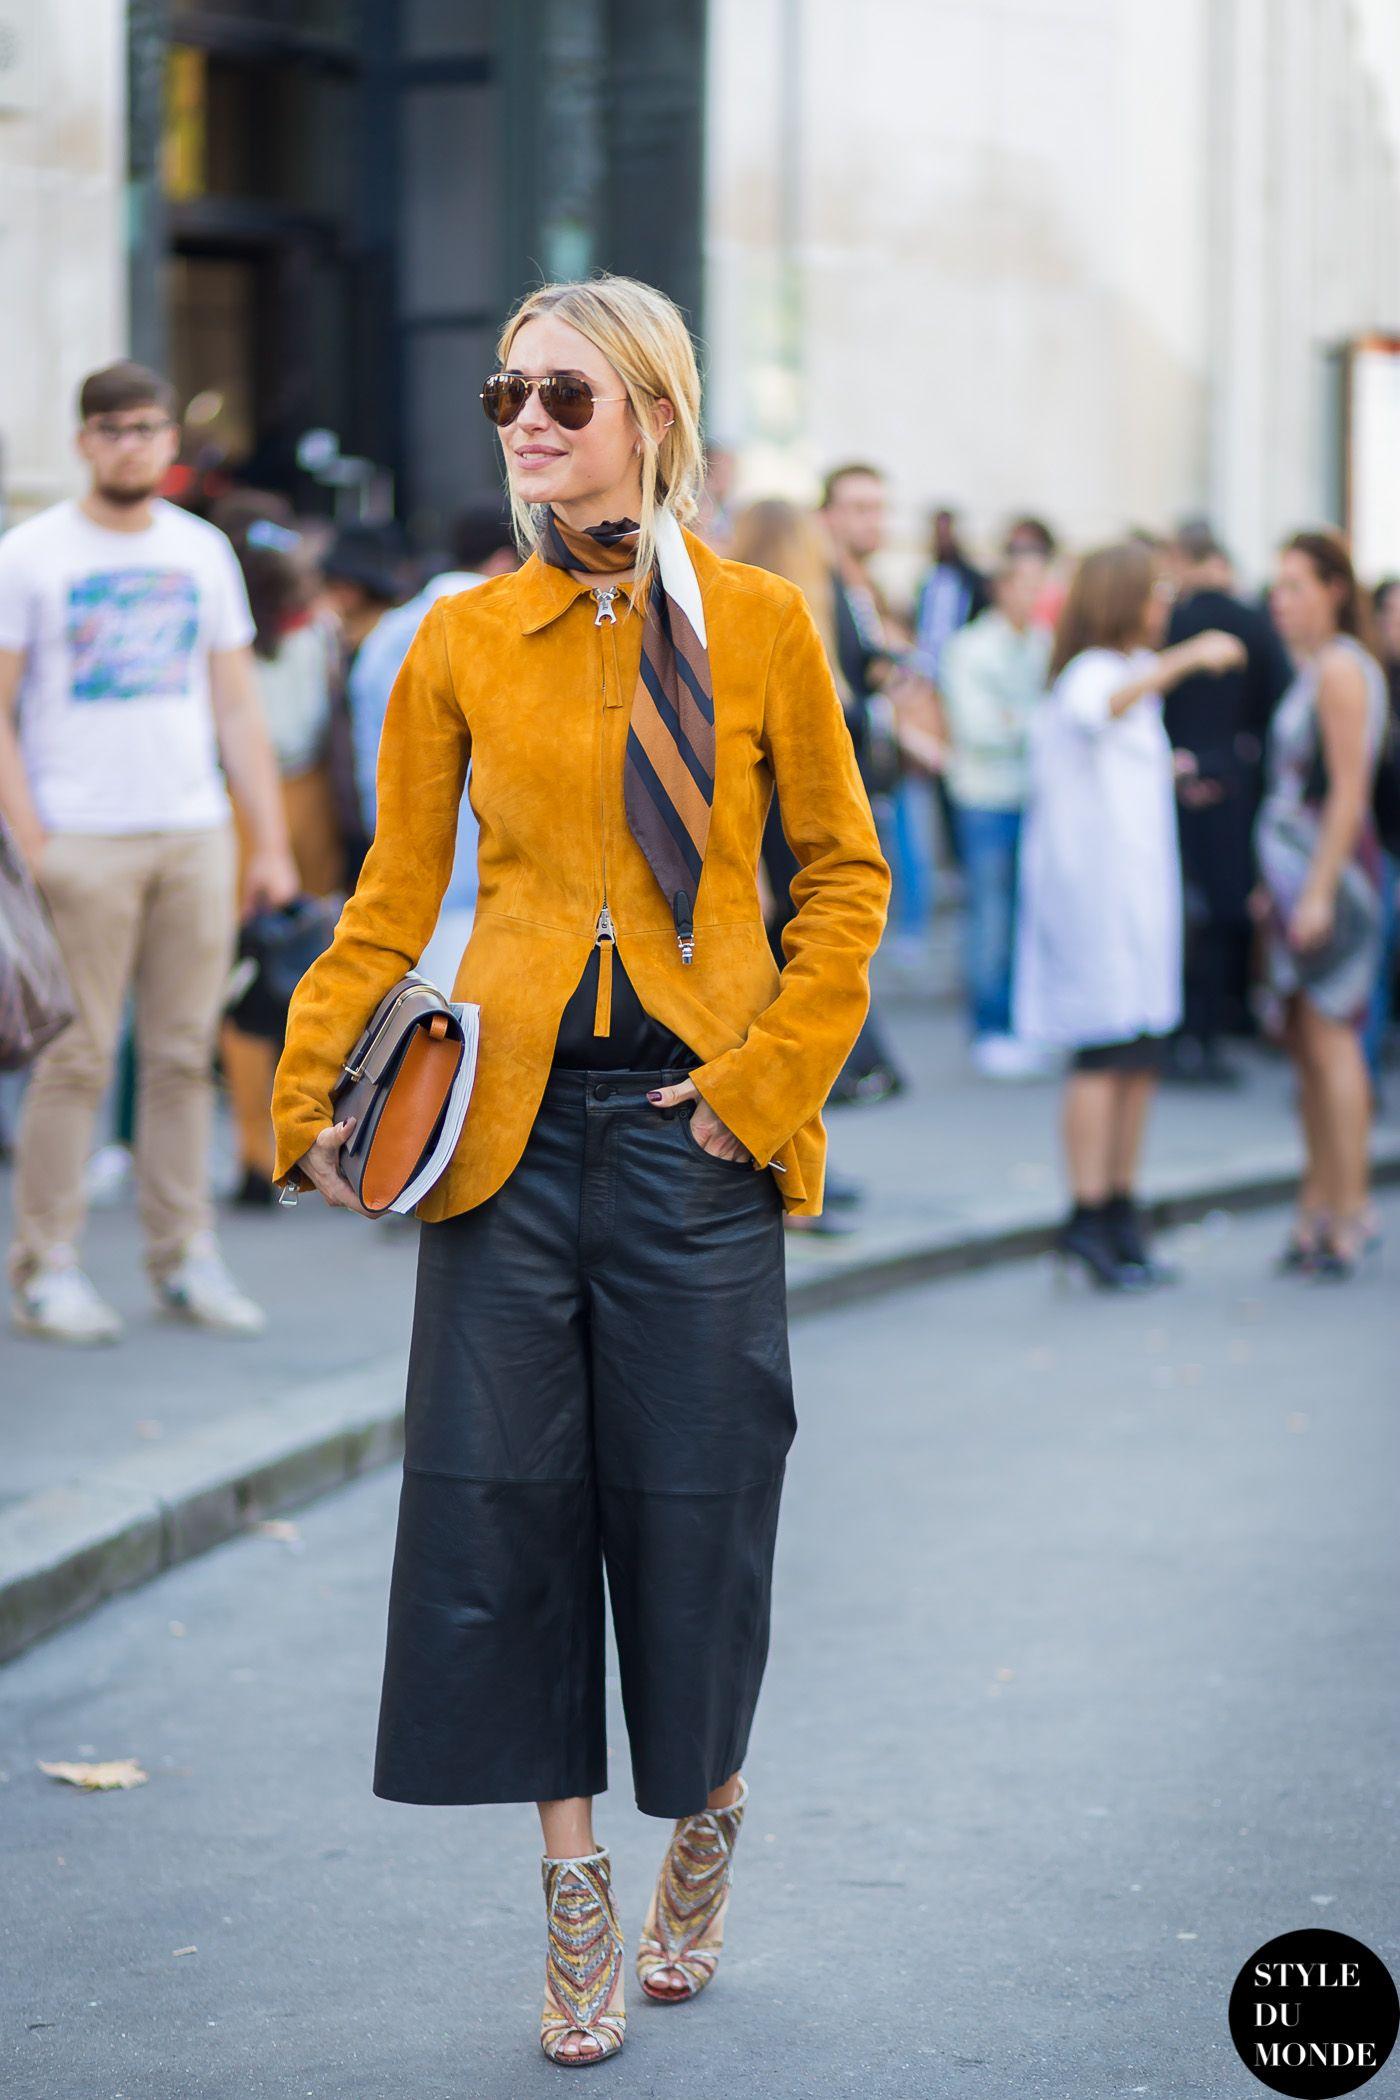 khăn lụa thời trang và áo khoác vàng